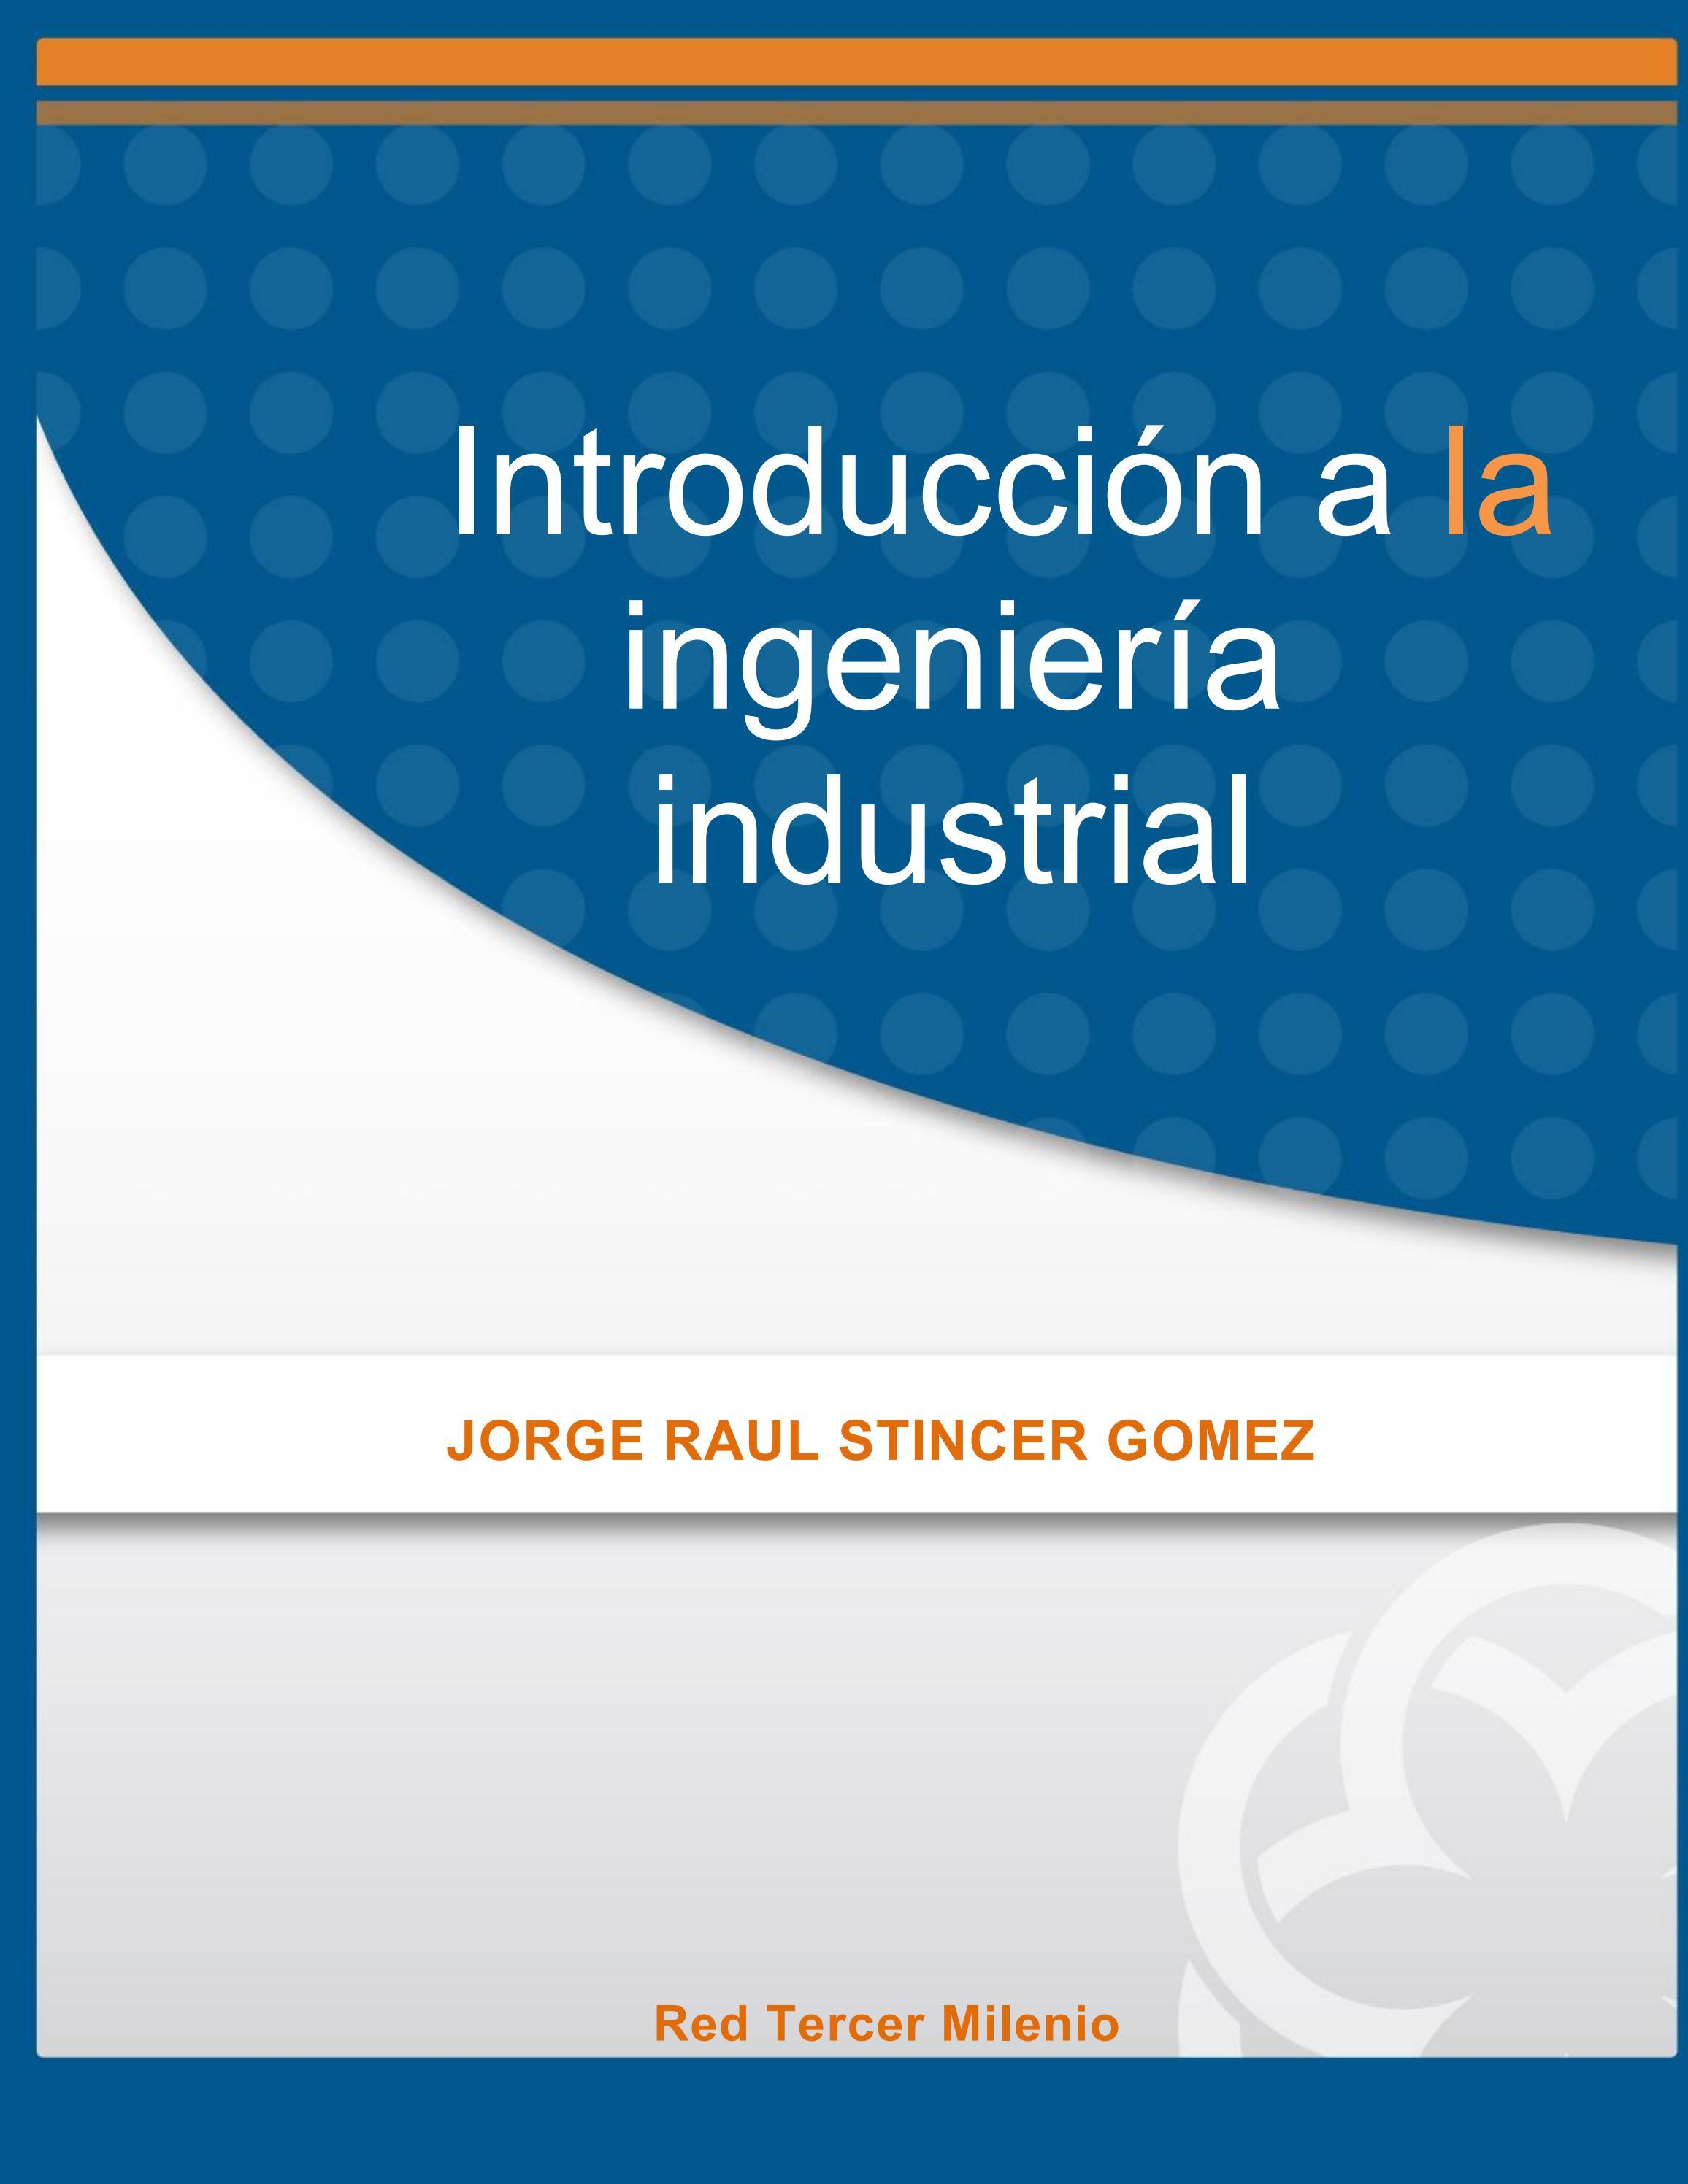 Introduccion a la ingenieria industrial by Adeprin - issuu